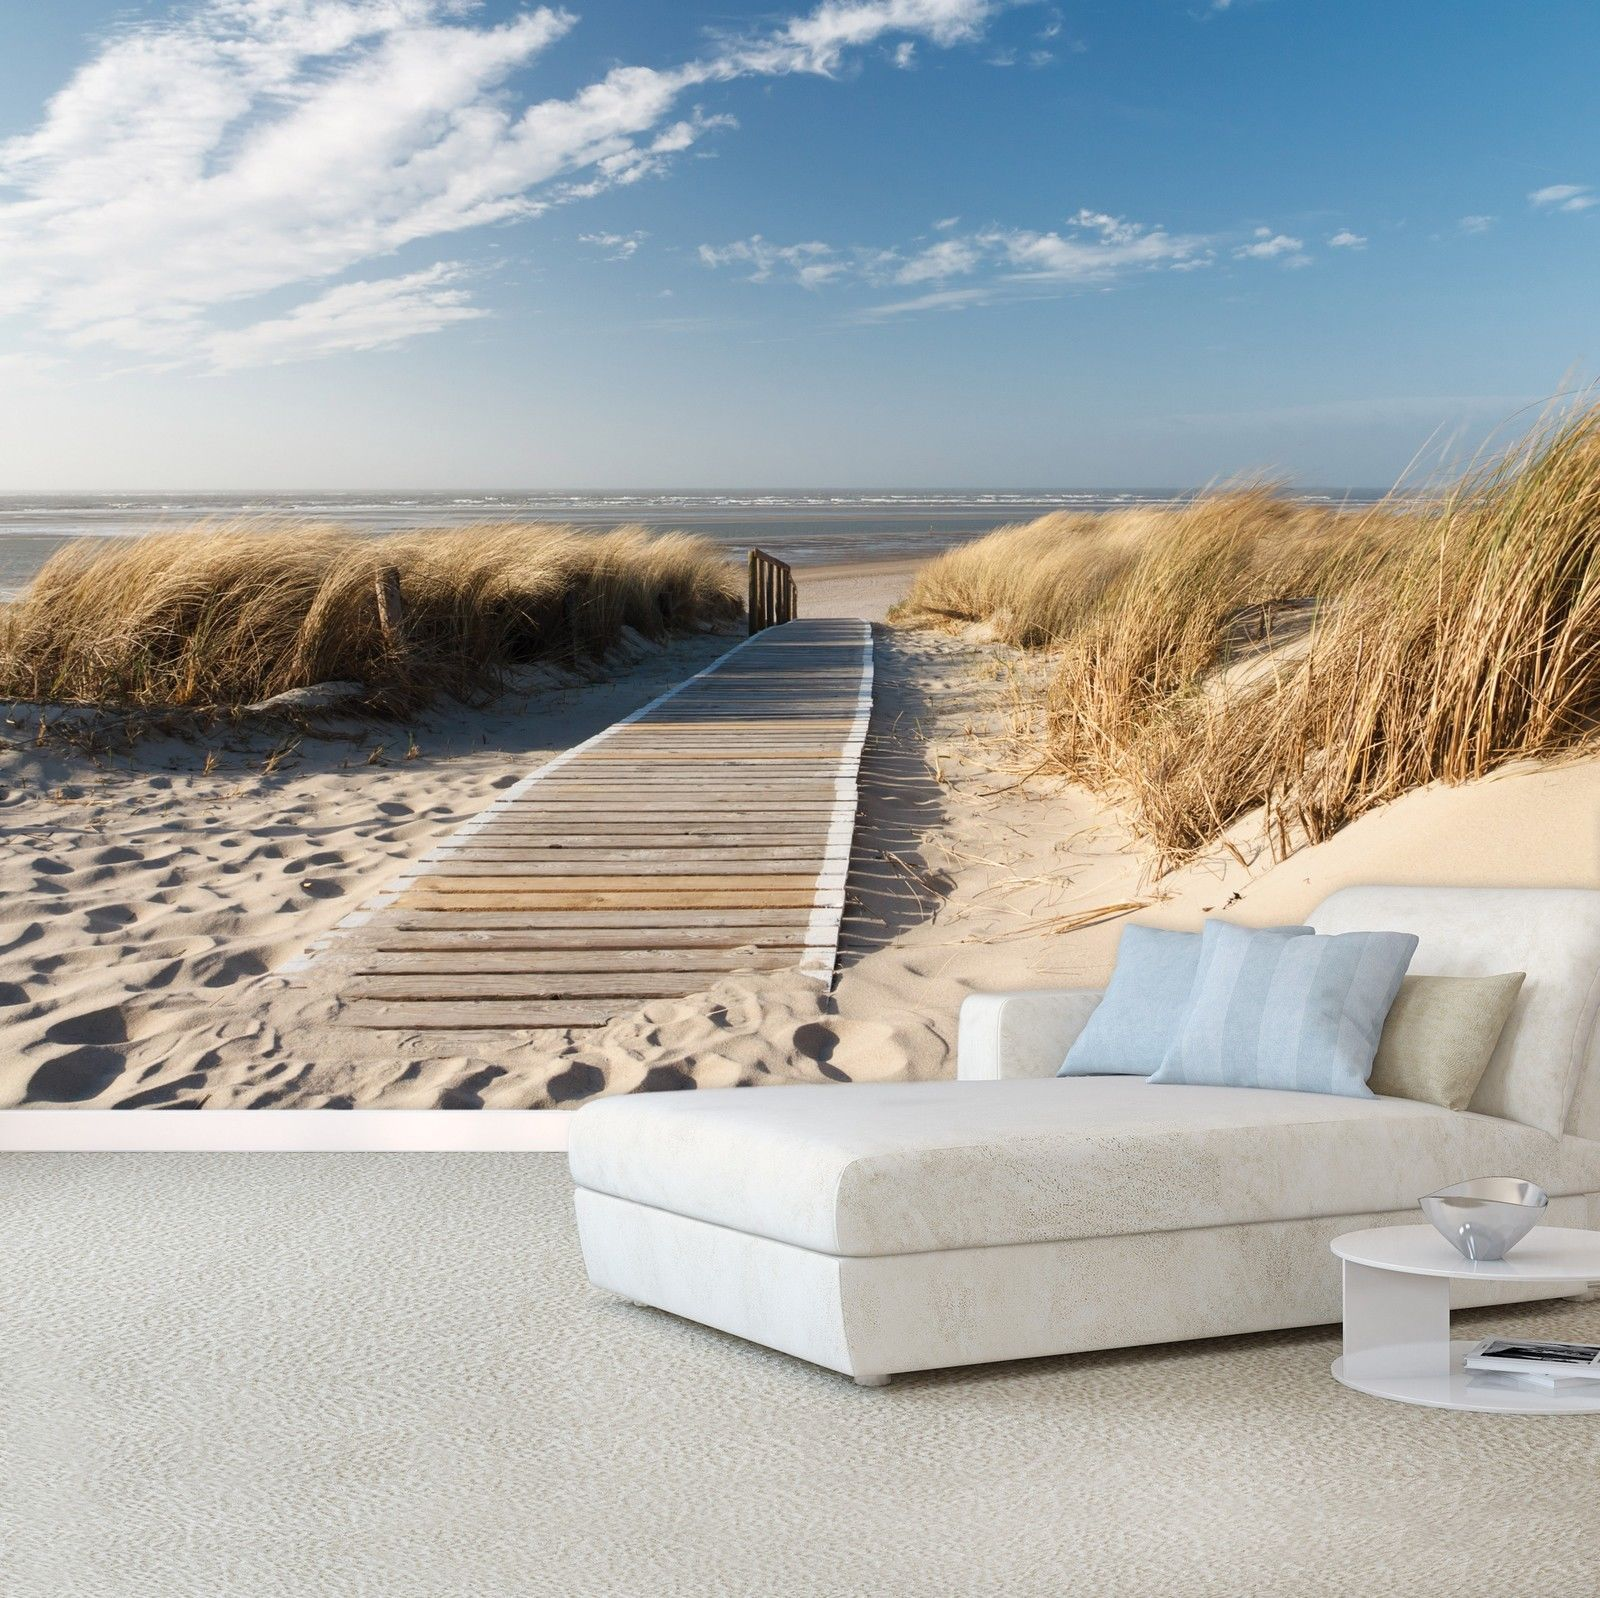 Fototapete Ocean Way 366x254cm Tapete Meer Ozean Strand